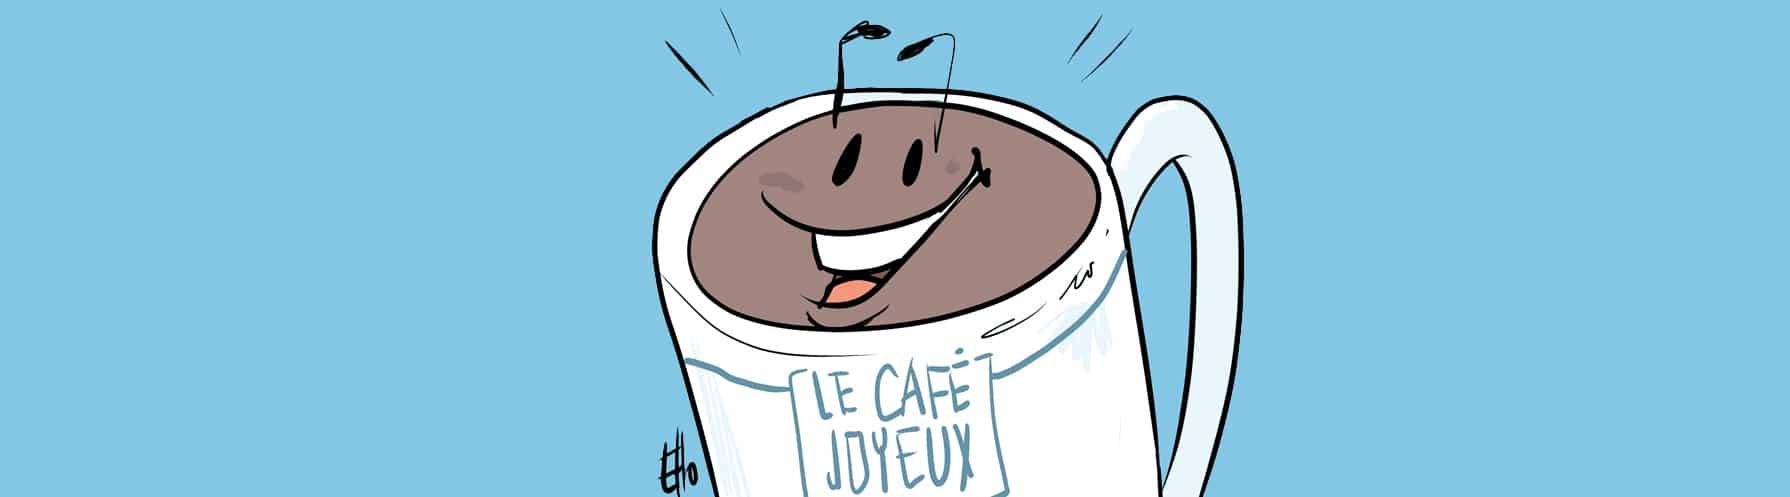 café joyeux handicap